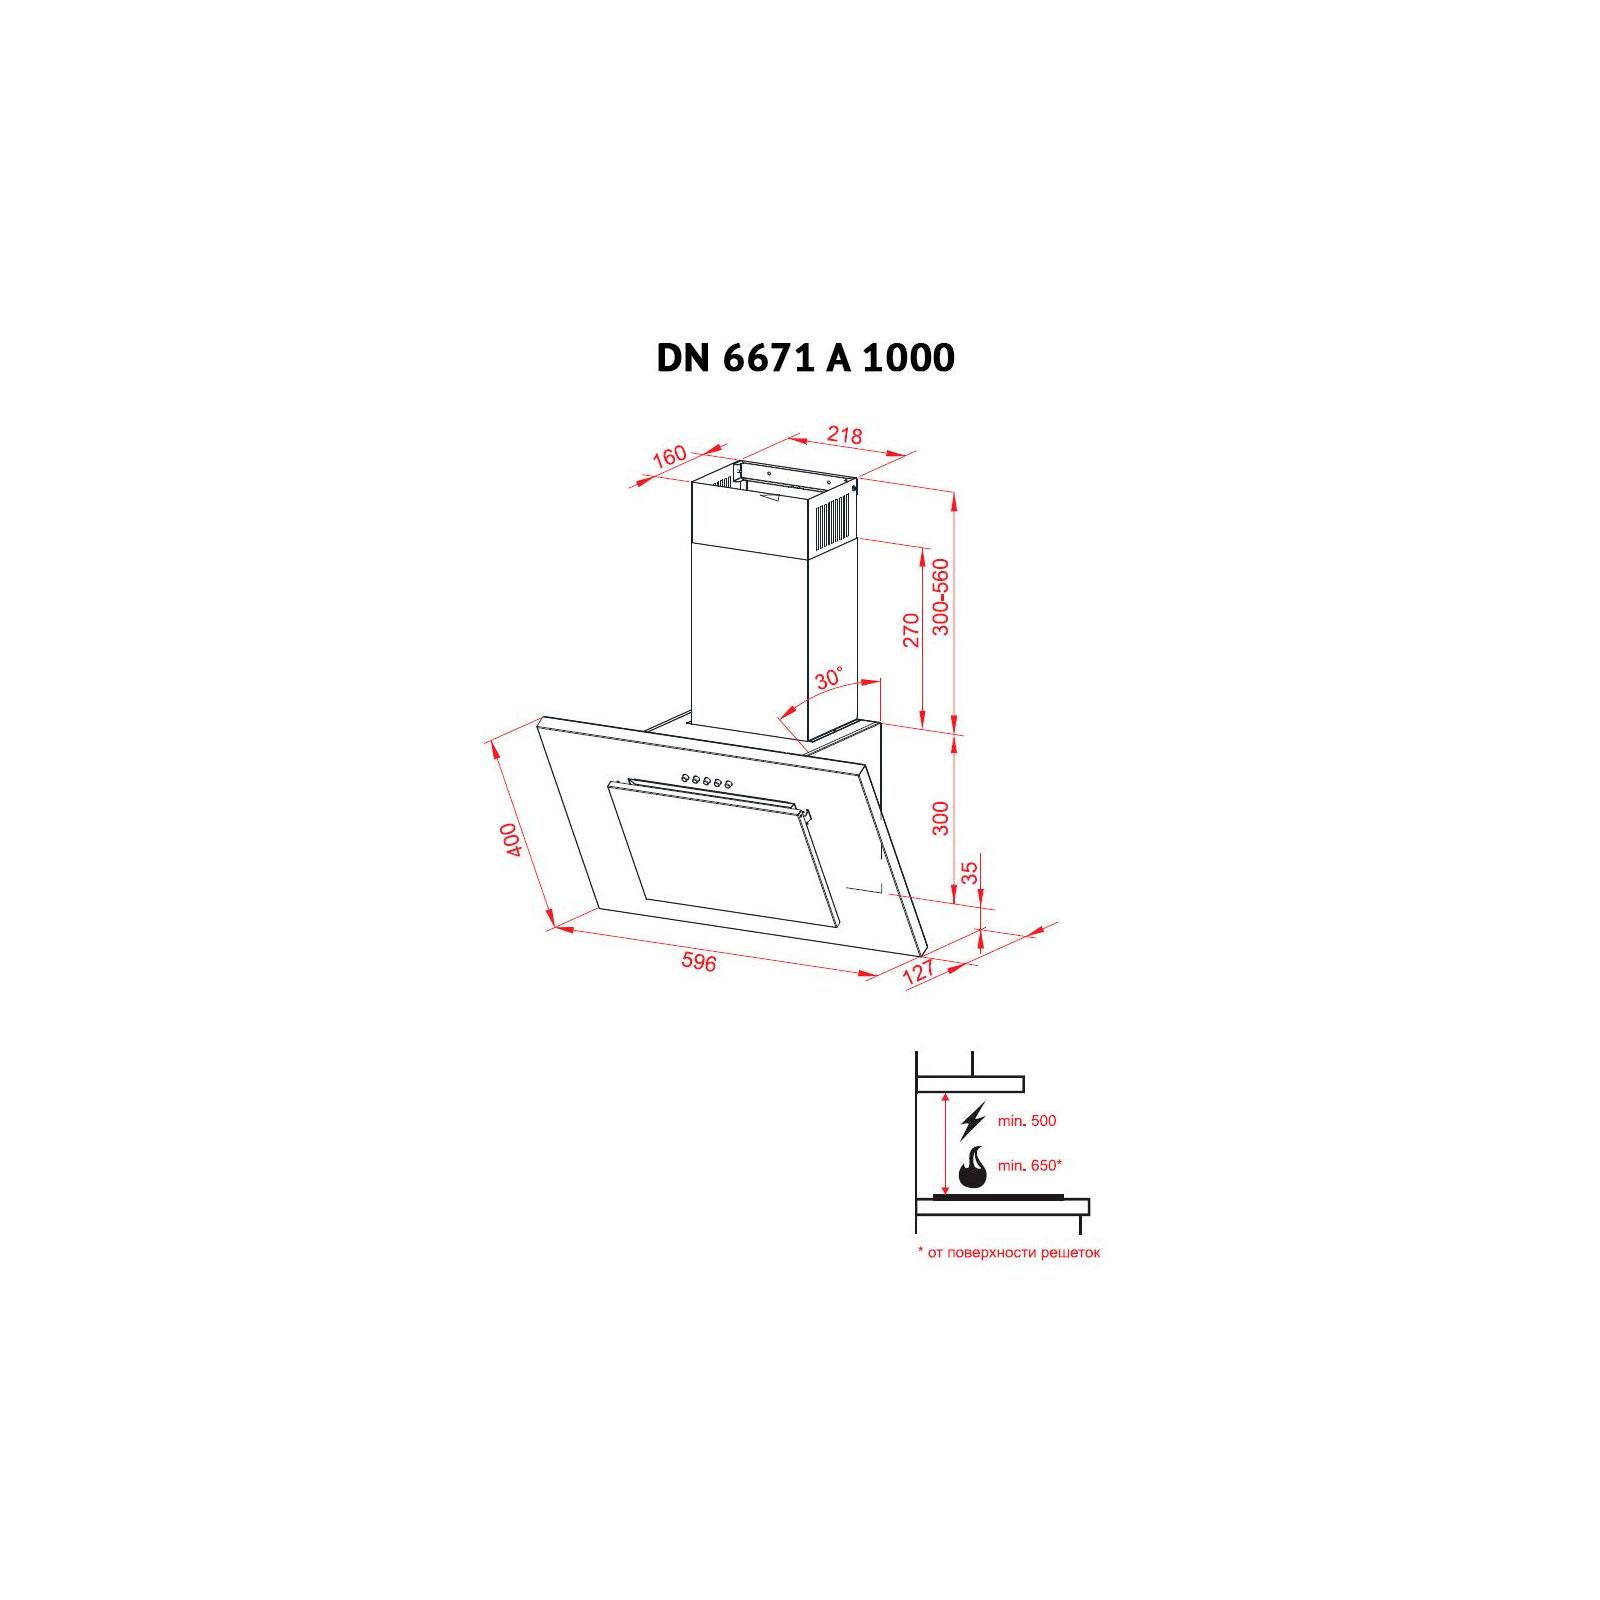 Вытяжка кухонная PERFELLI DN 6671 A 1000 W изображение 10